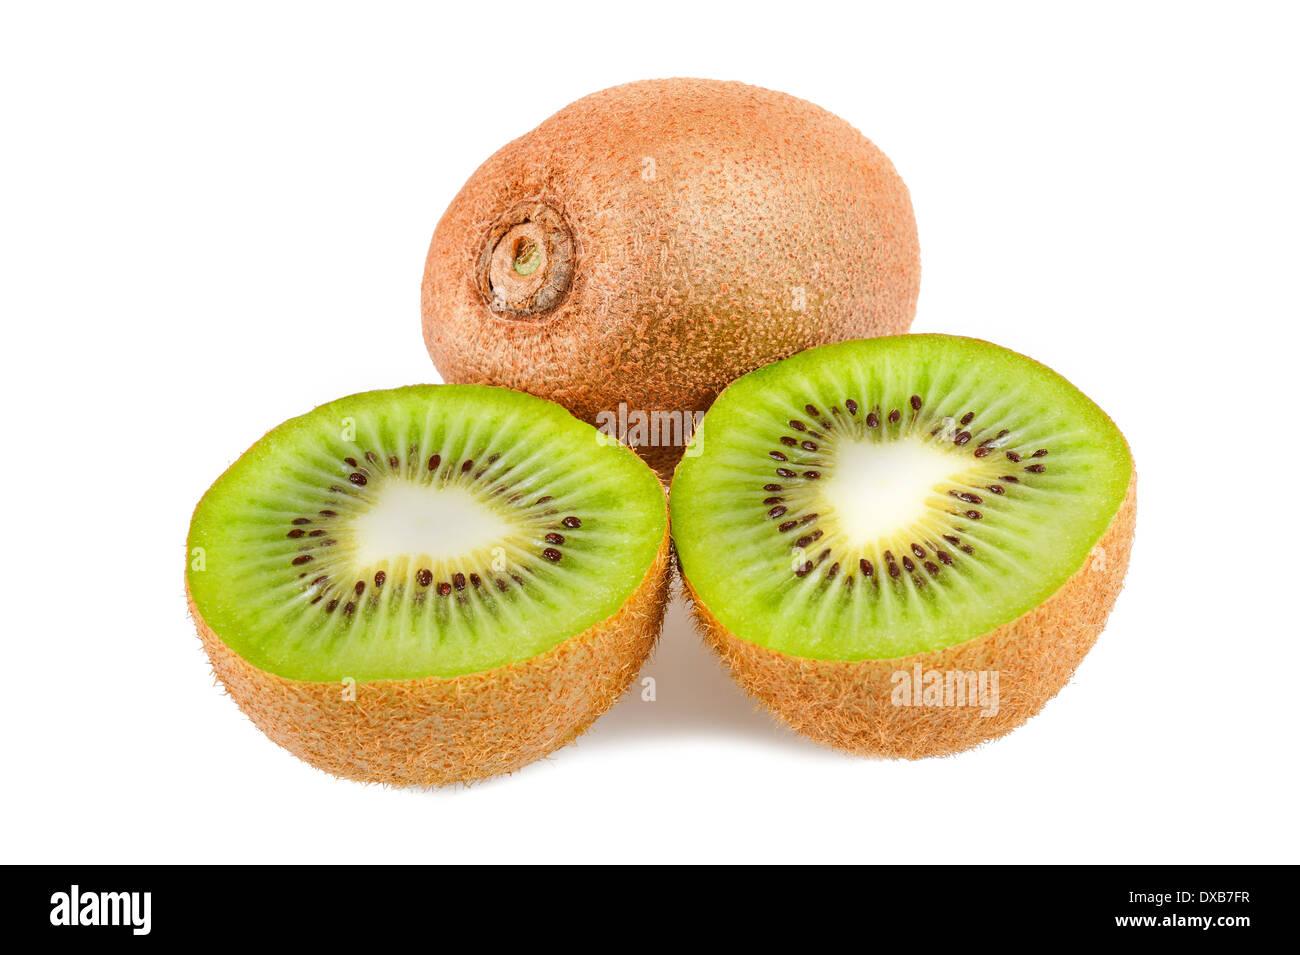 sliced kiwi isolated on white - Stock Image